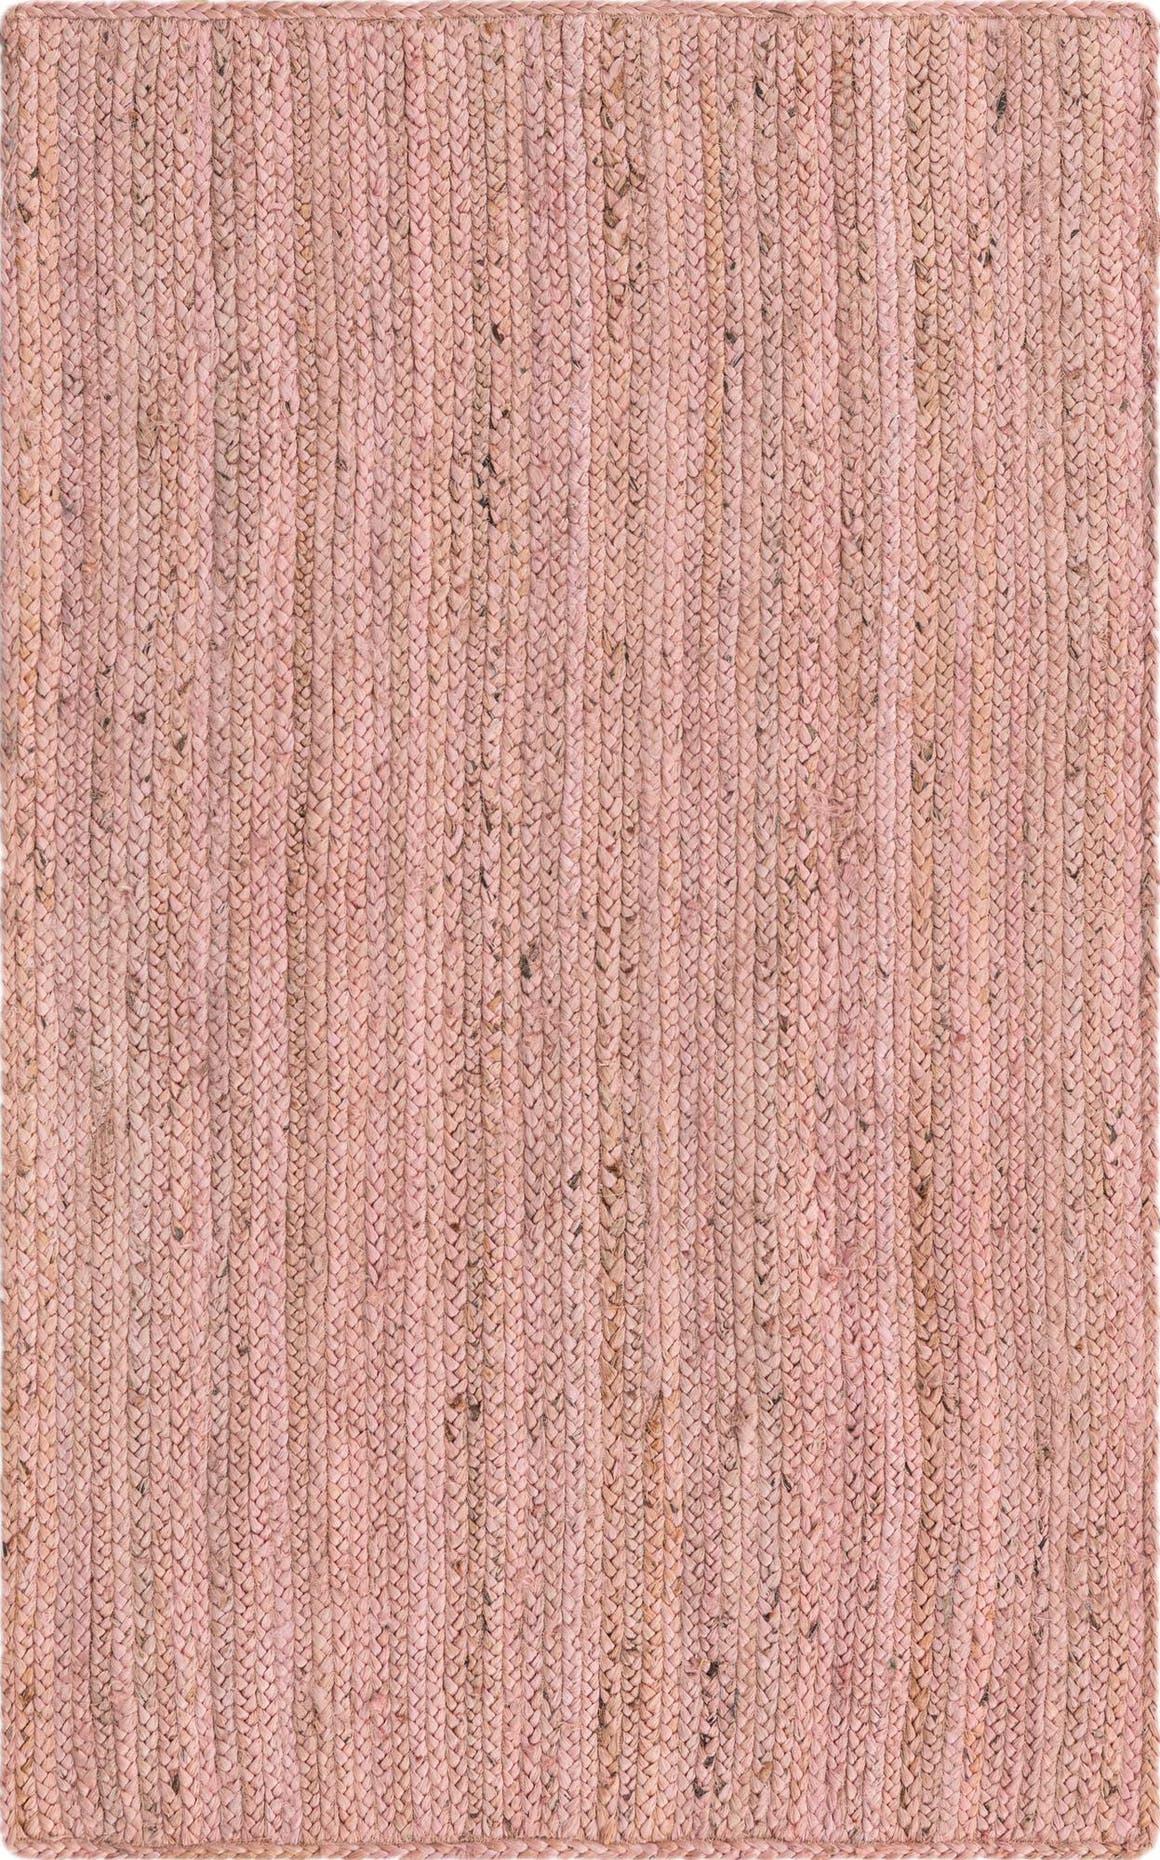 3' 3 x 5' Braided Jute Rug main image